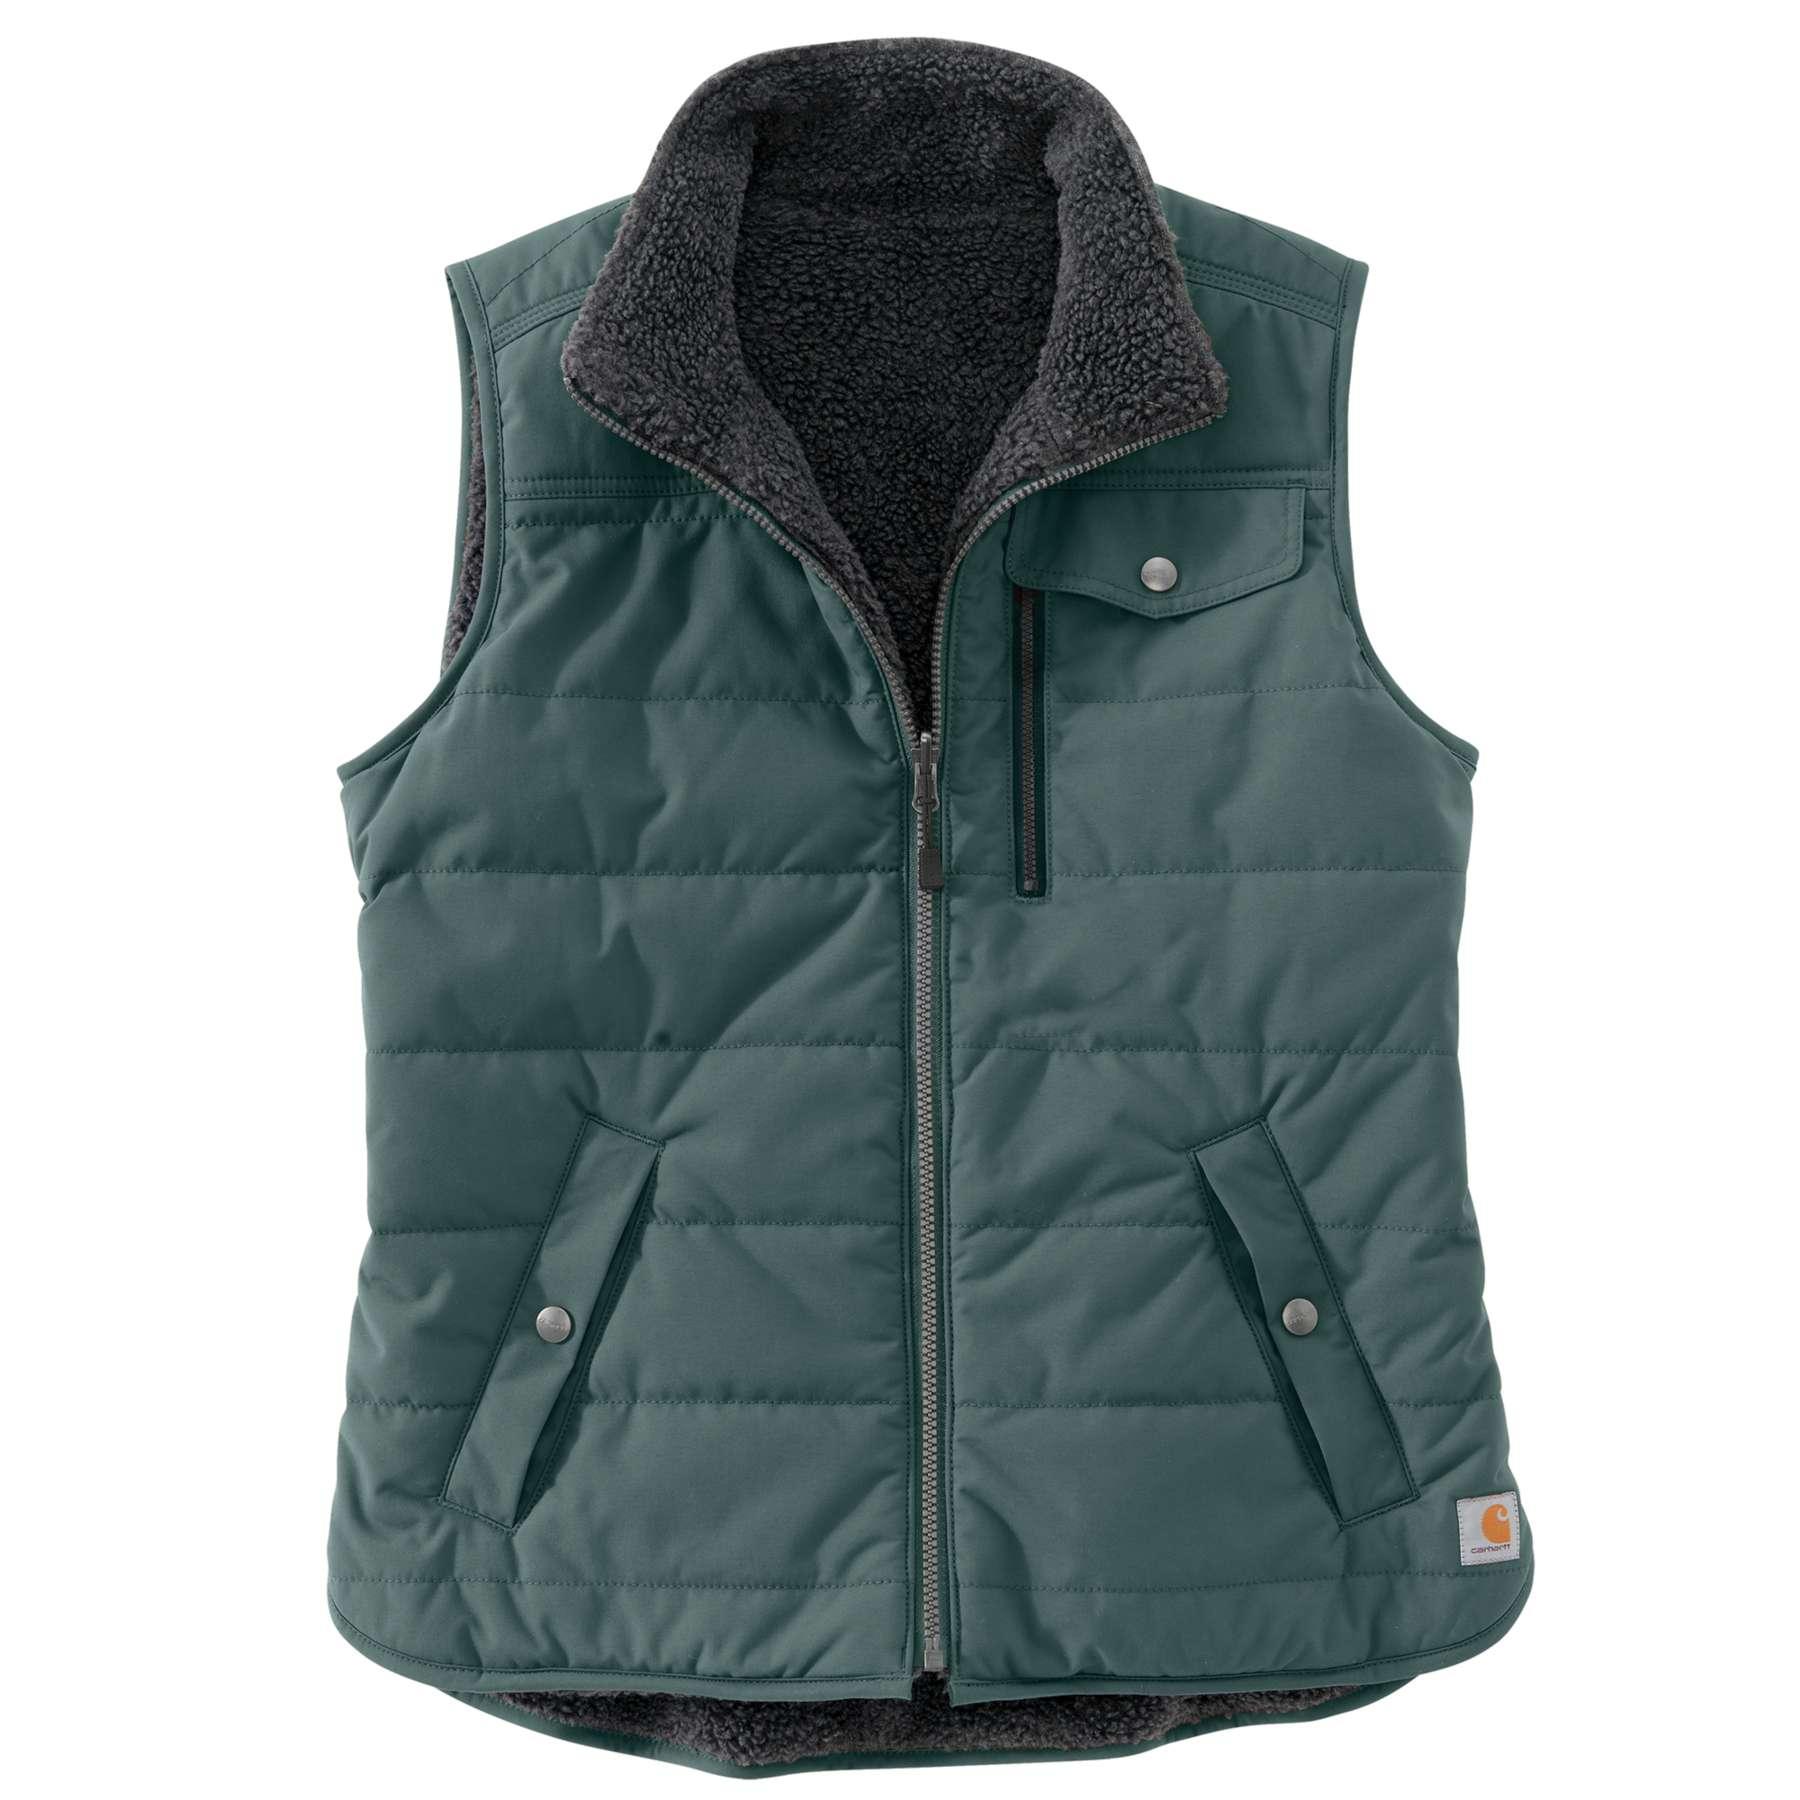 Carhartt Women's Utility Sherpa Lined Vest Murdoch's